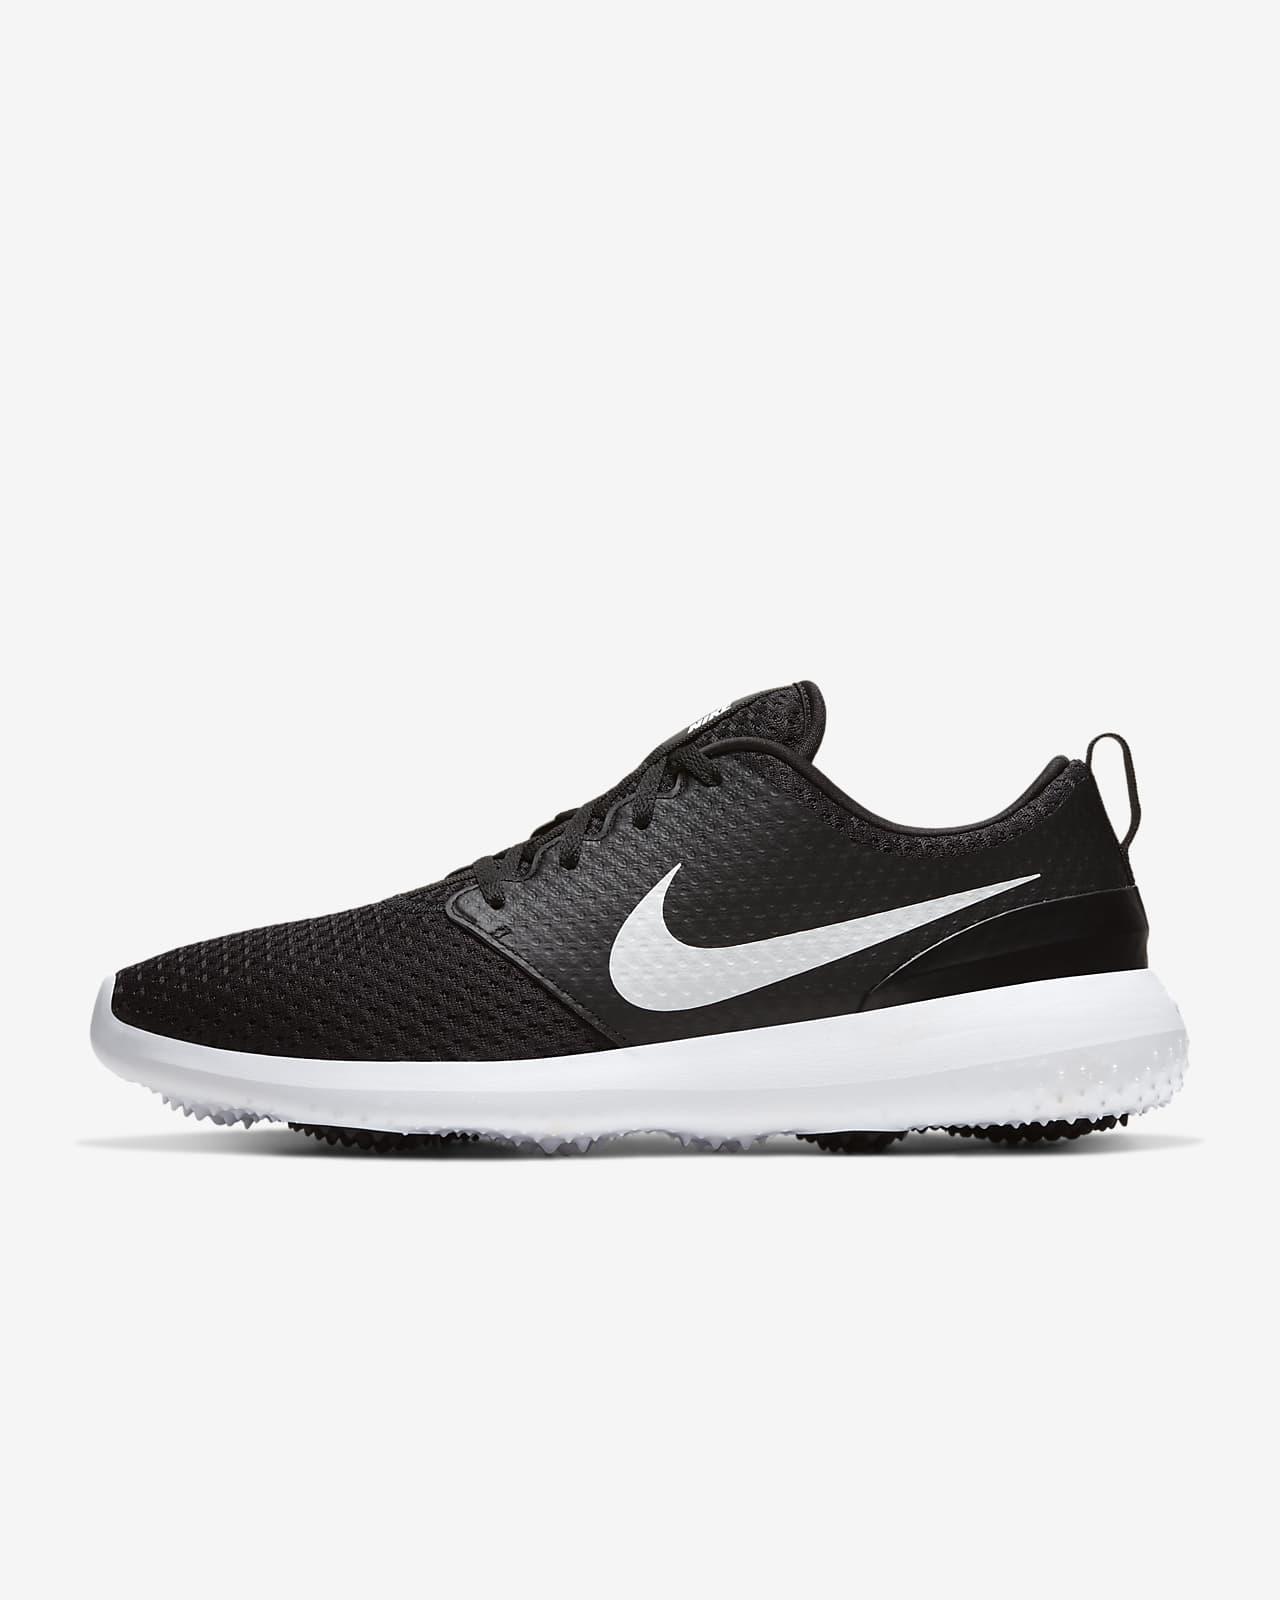 Nike Roshe G Men's Golf Shoe. Nike LU